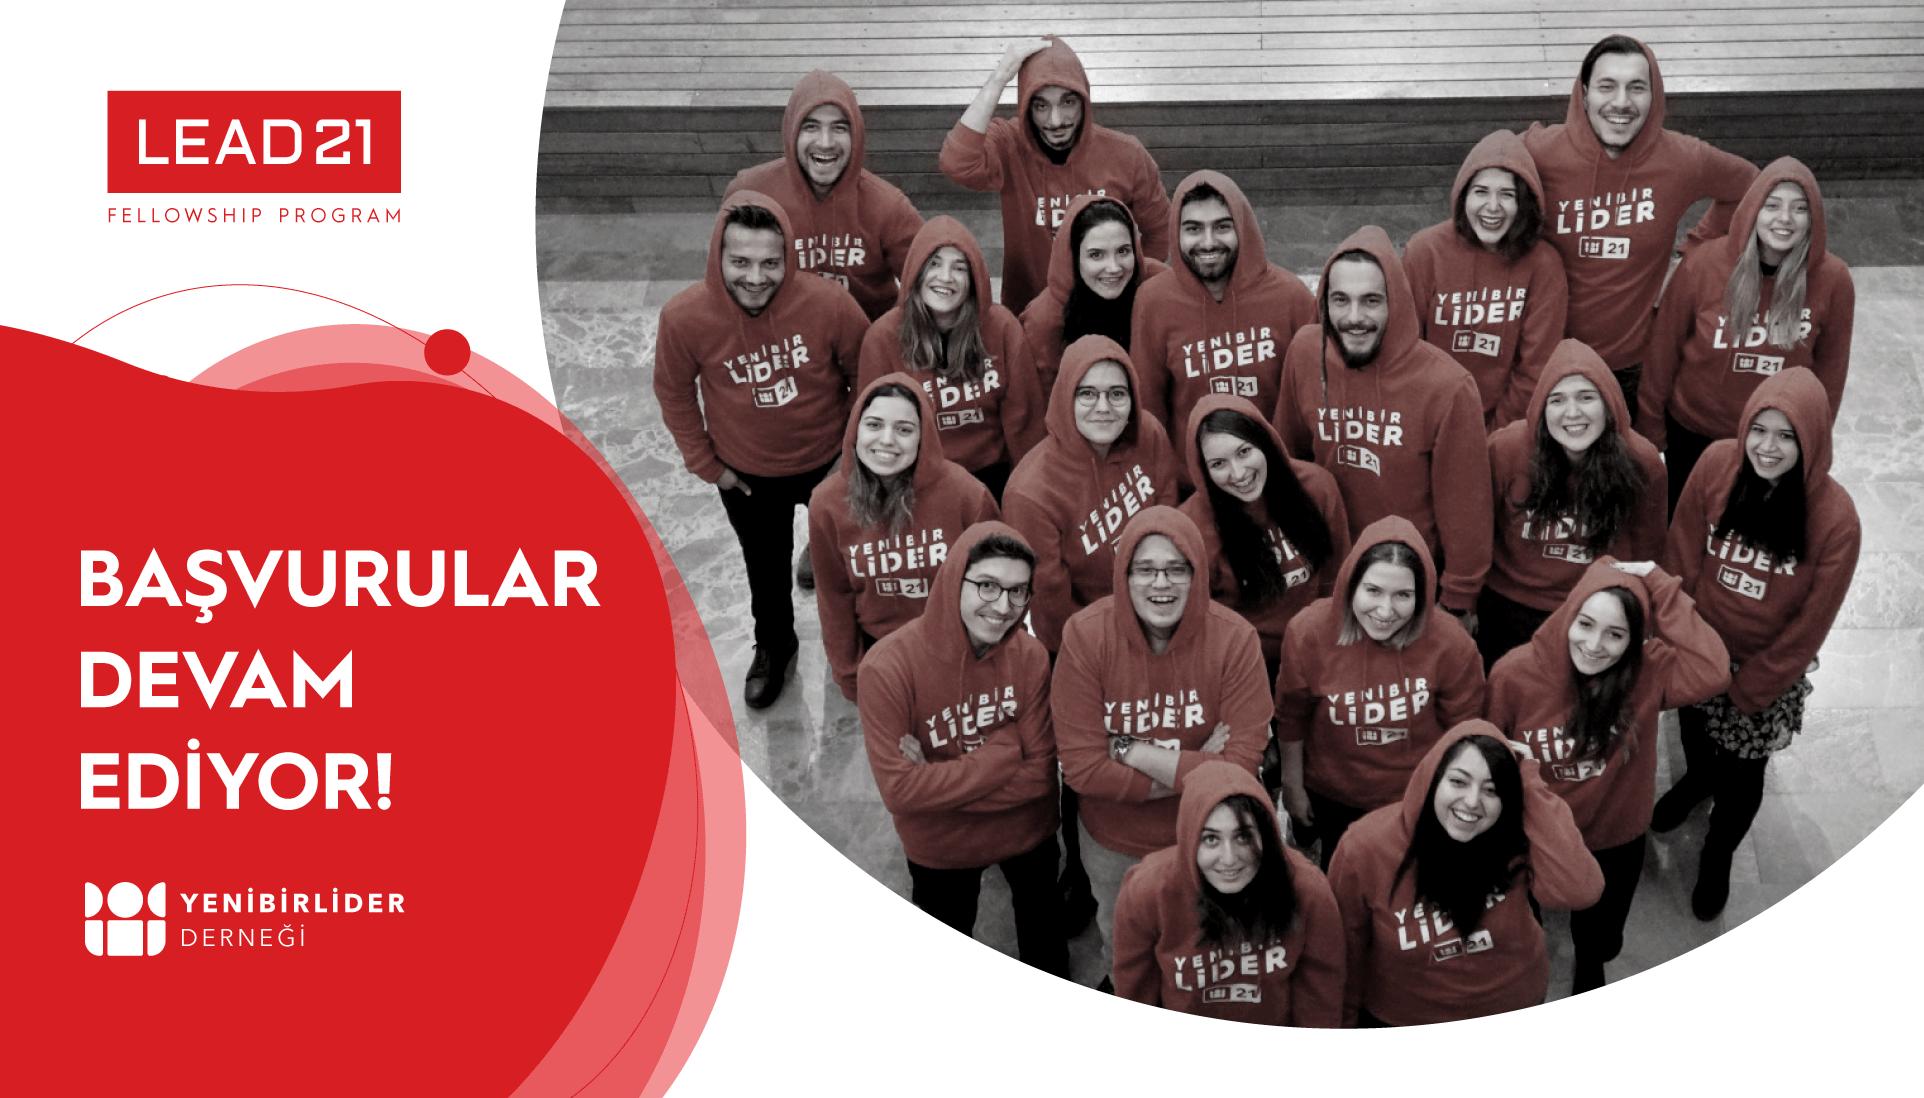 LEAD21 Fellowship Program Başvuruları Devam Ediyor!